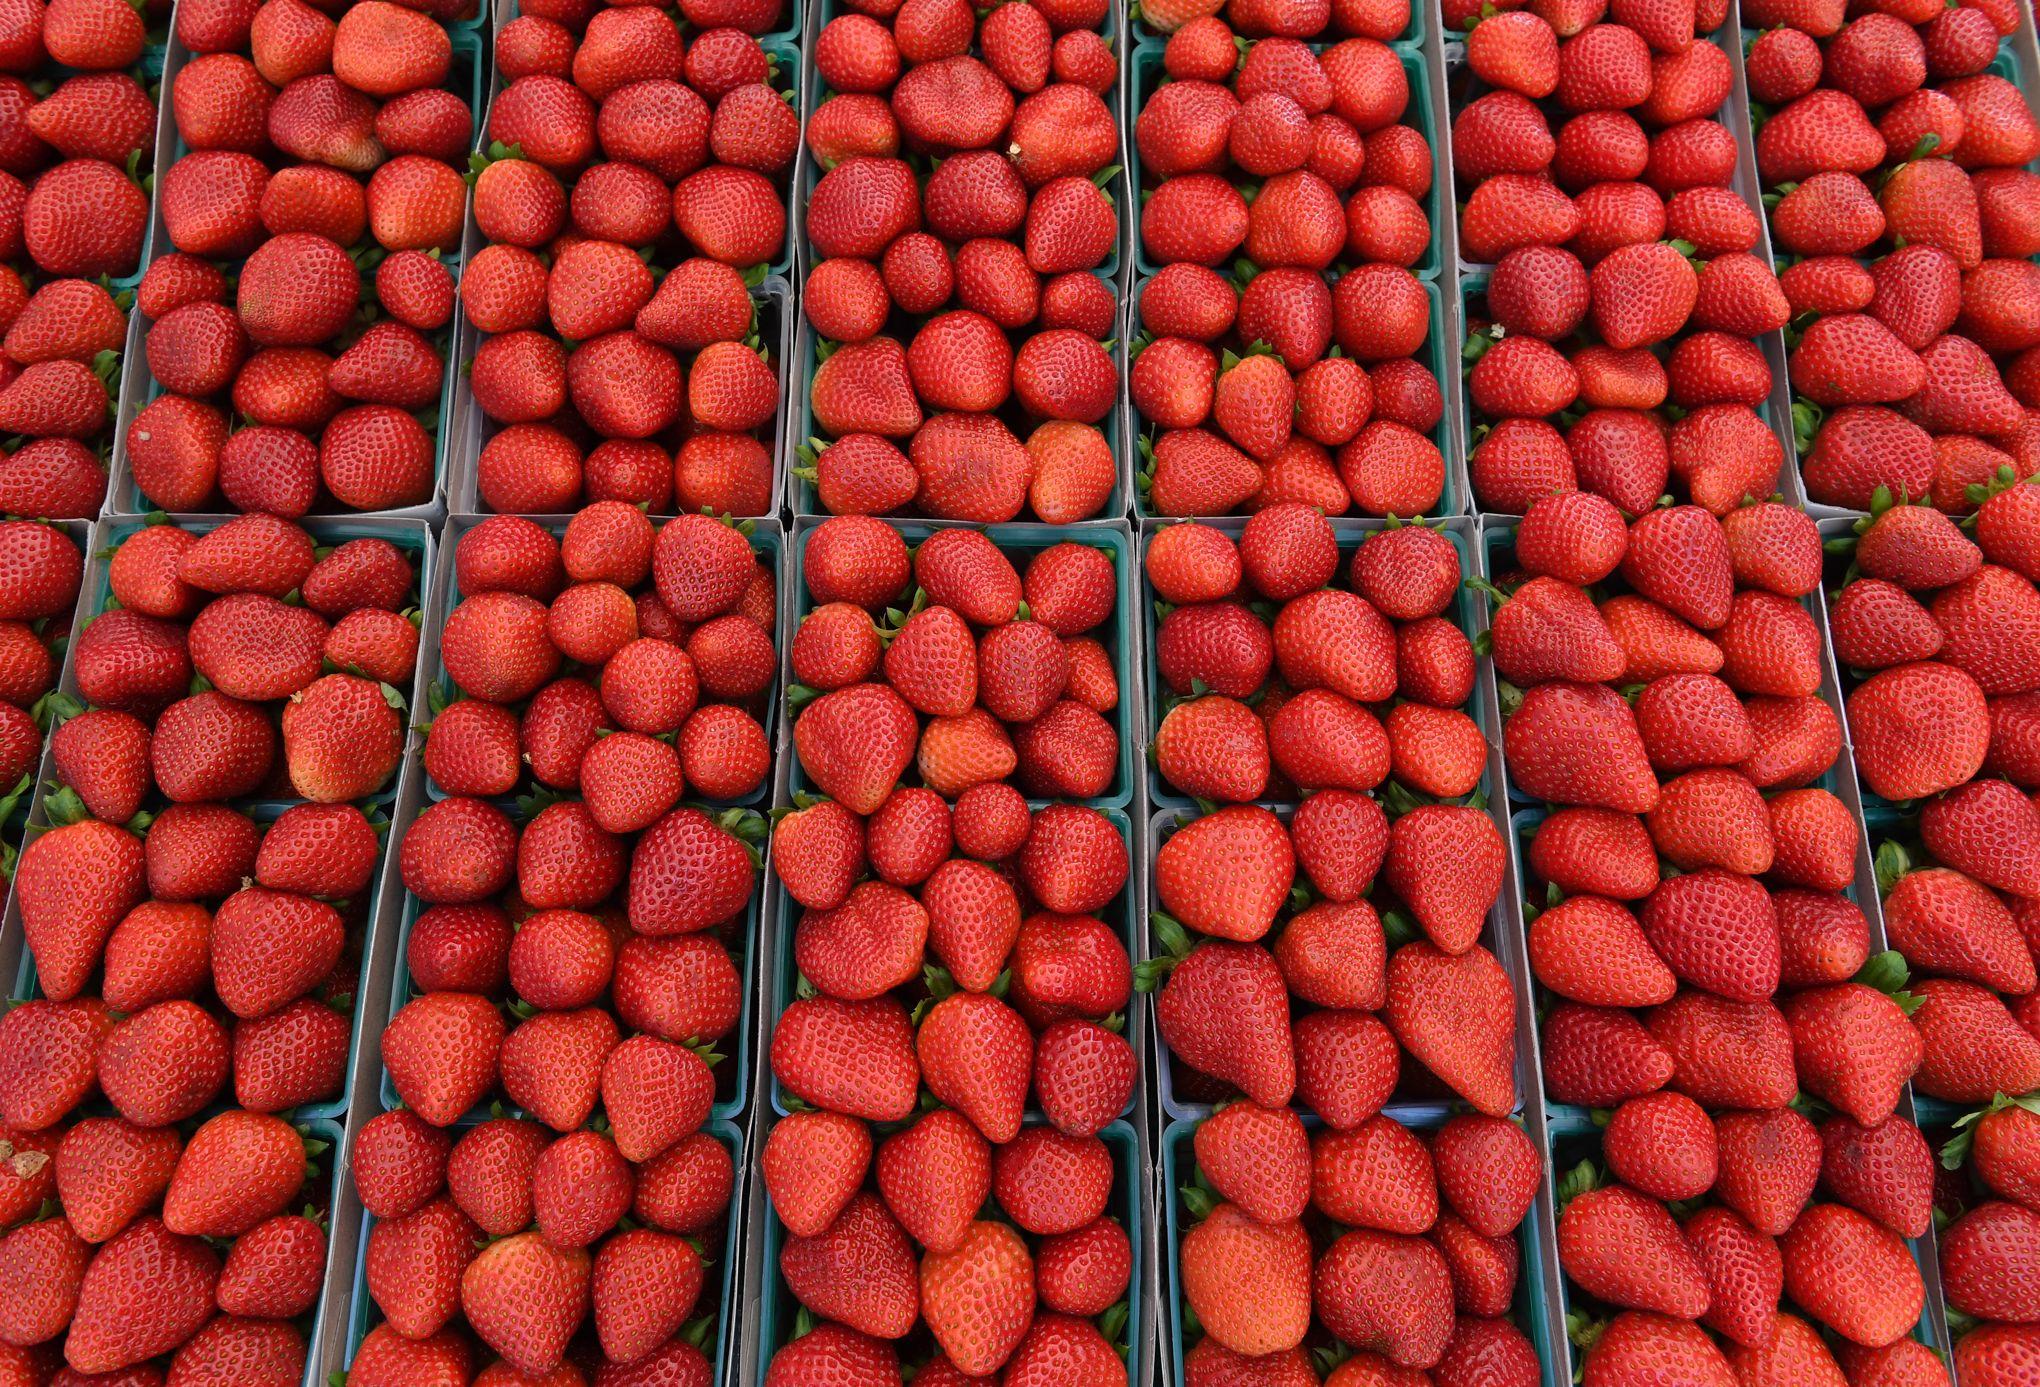 Des aiguilles à coudre retrouvées dans des fraises en Australie